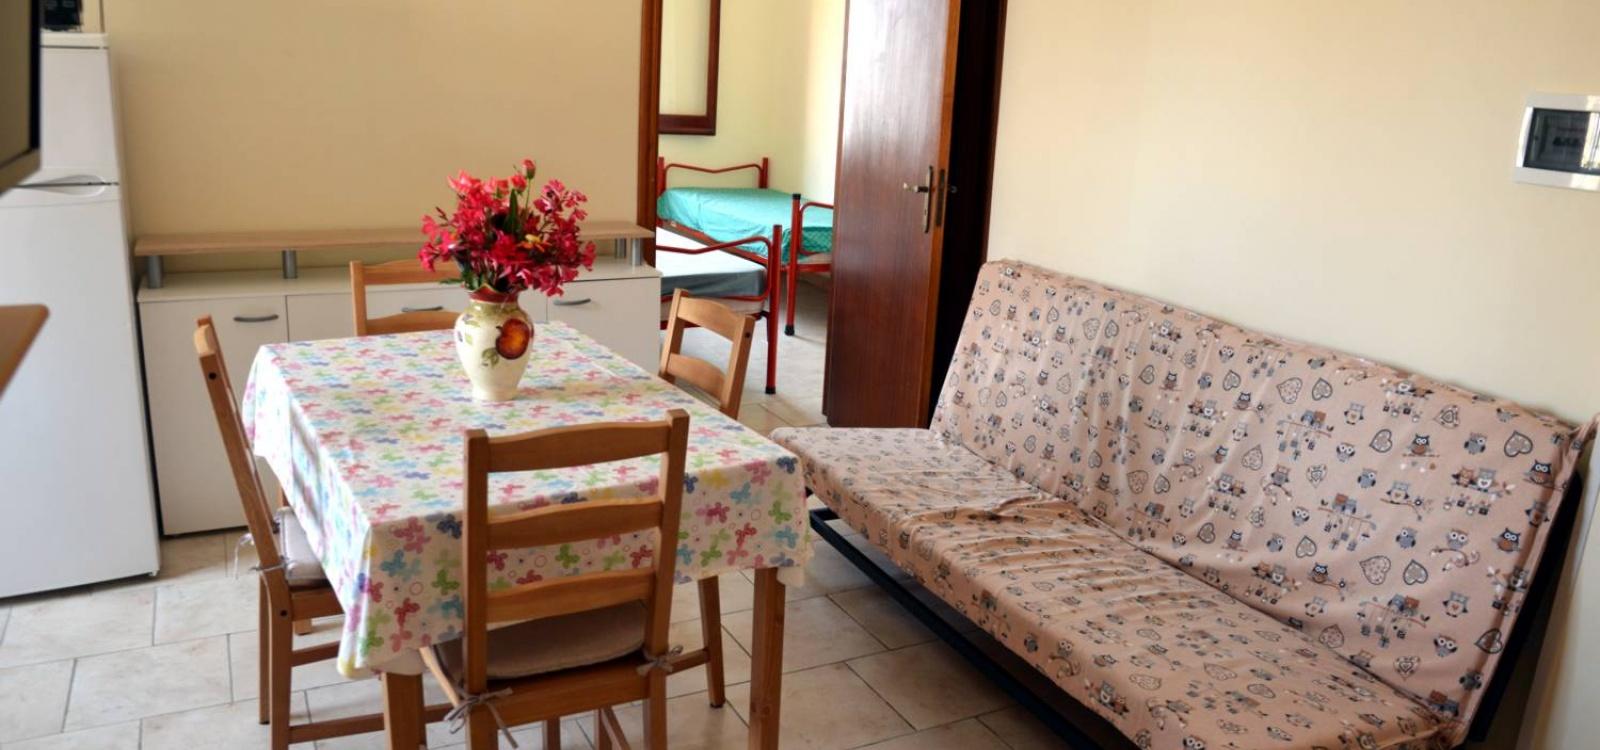 Casa Vacanze, Affitto per vacanze, Paolo Orsi, ID Struttura 1215, Tropea, Vibo Valentia, Italy, 89861,